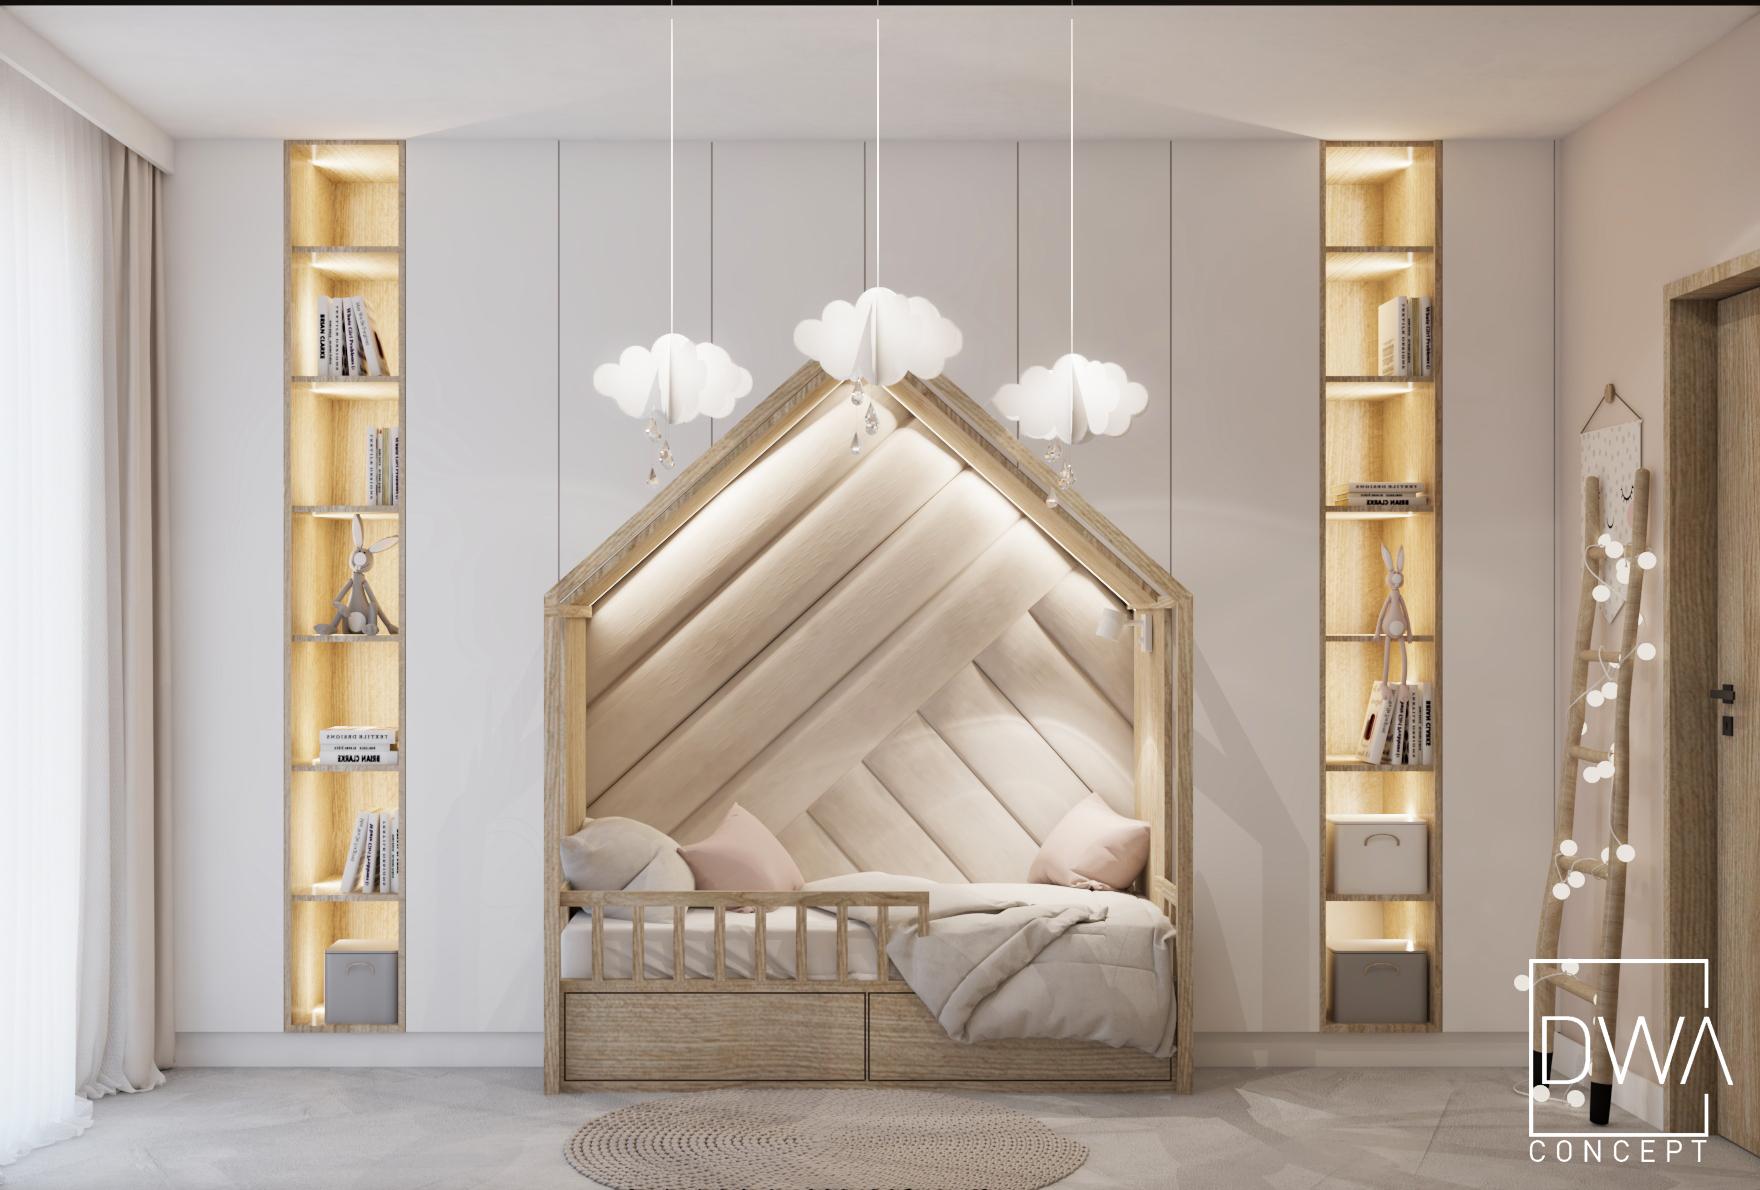 projekt pokoju dziecięcego dwaconcept projektant wnętrz zakopane rabka kraków architekt wnętrz bielsko pokoje dziecięce beż róż dwaconcept